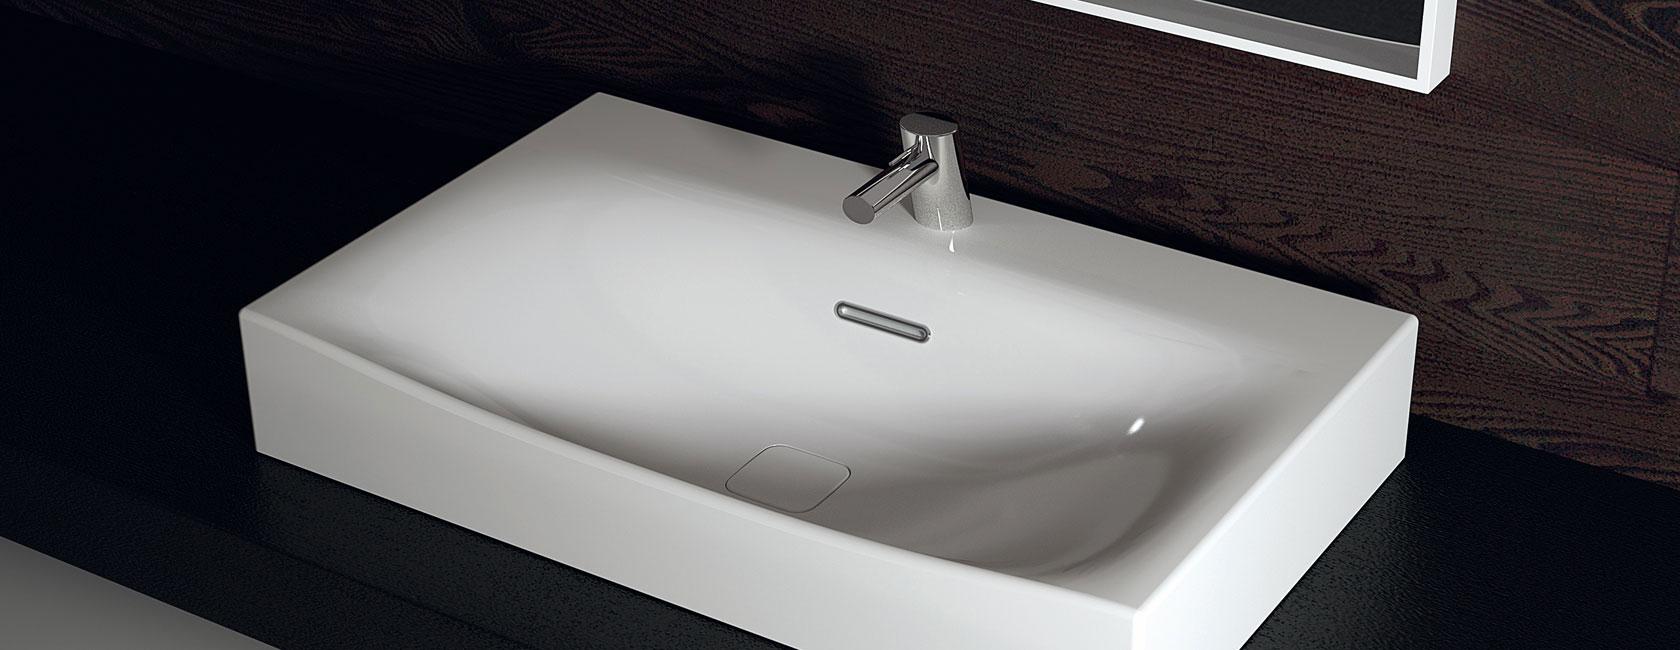 умывальник для ванной фарфор